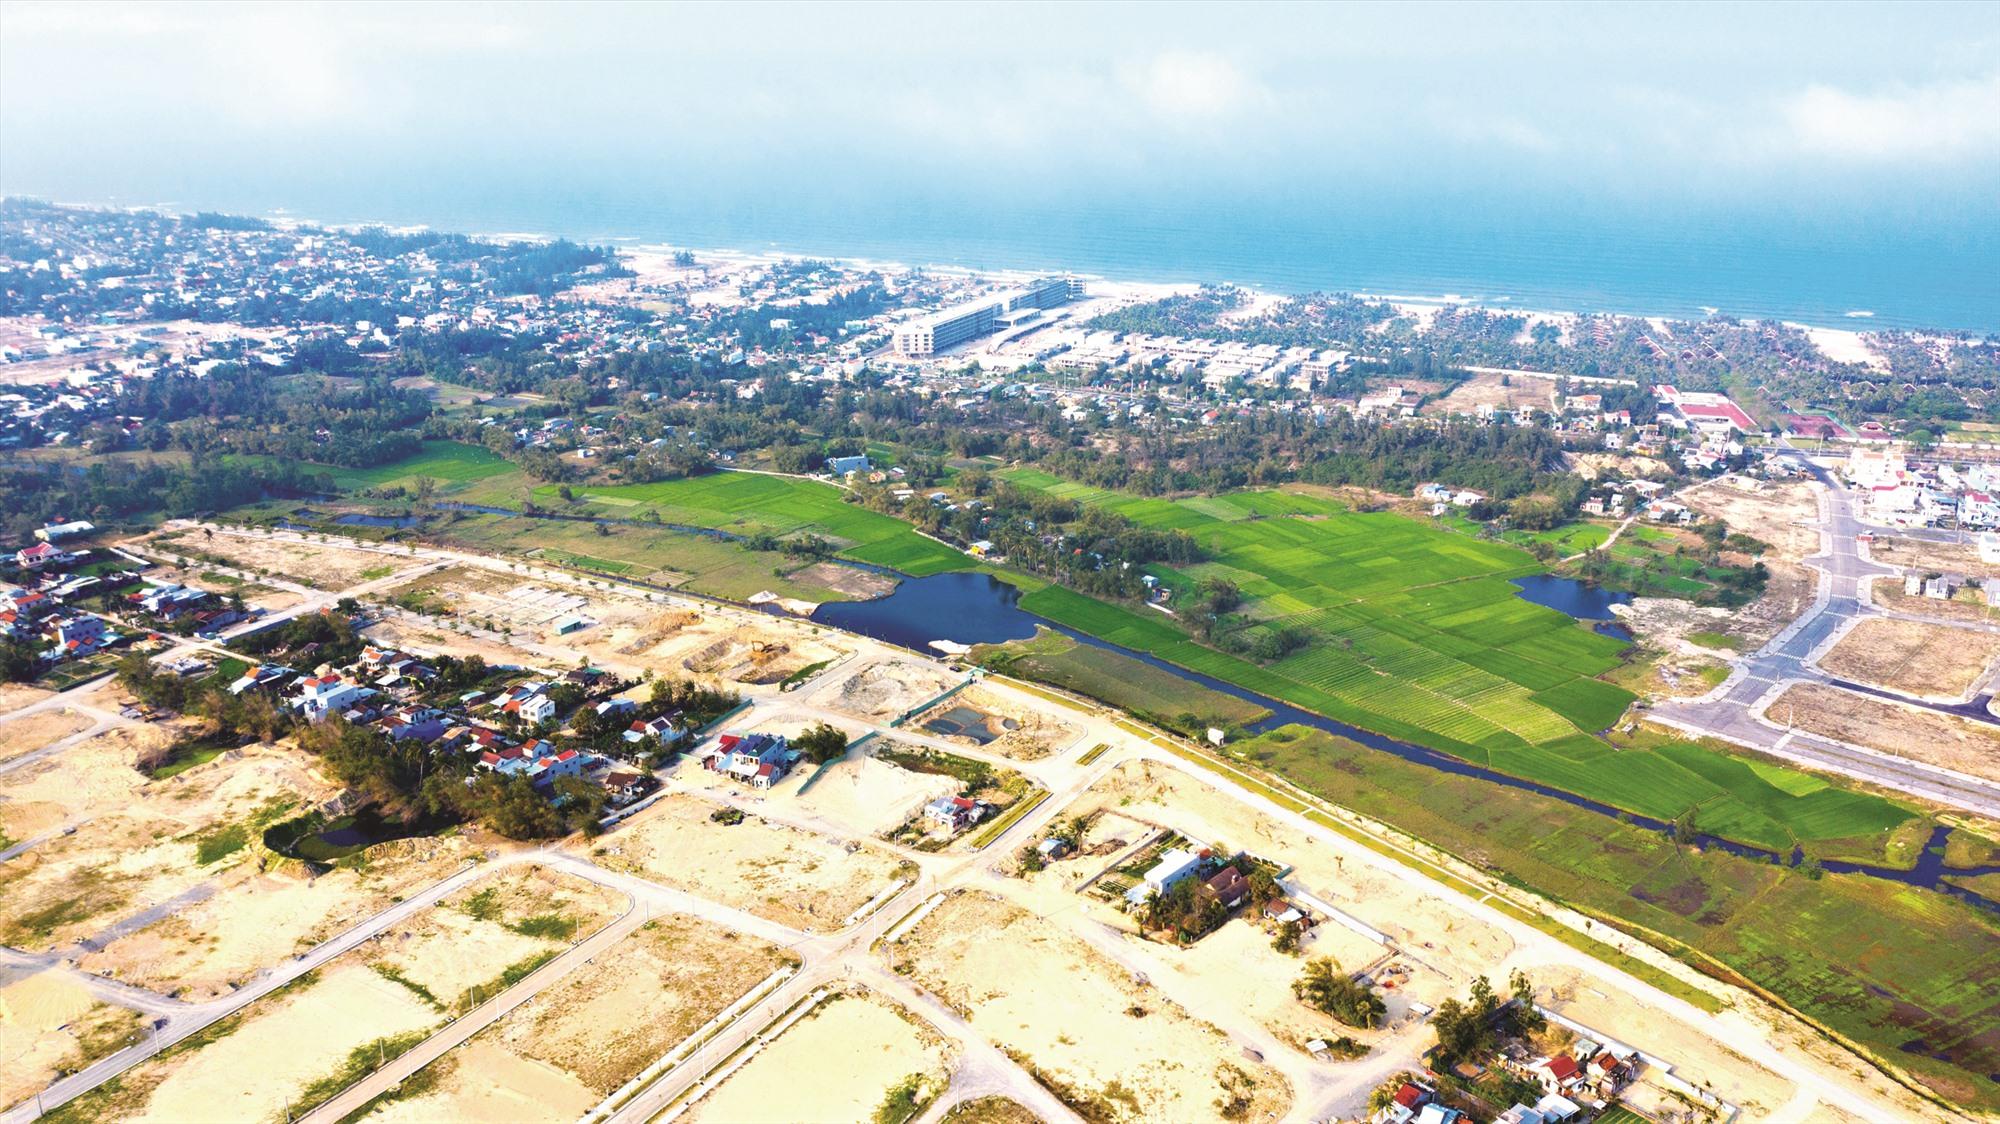 Một dự án chuỗi đô thị ven sông Cổ Cò do An Dương làm chủ đầu tư nhìn từ trên cao. Ảnh: T.C.T